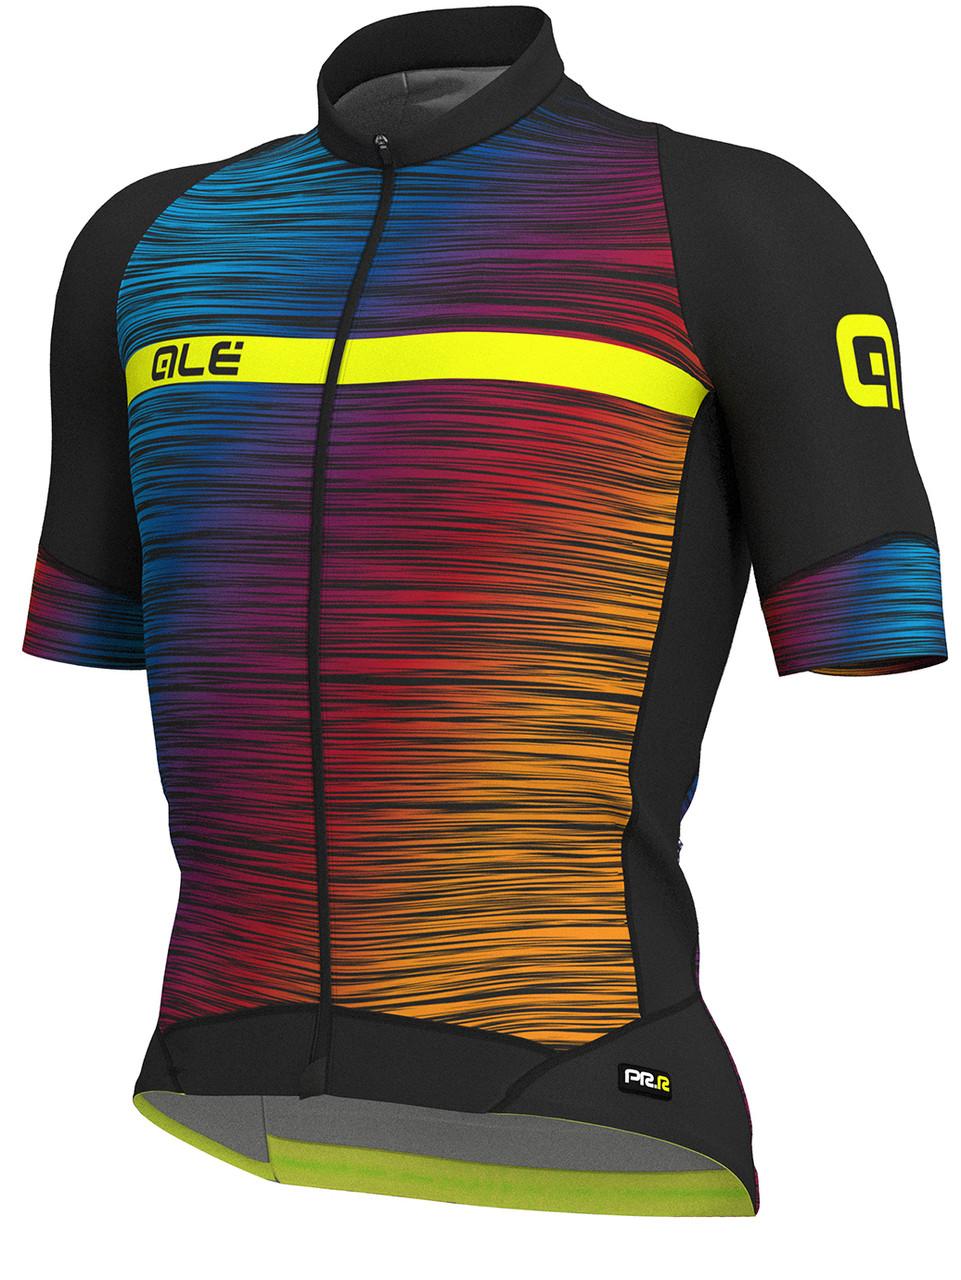 ALE' The End PRR Black Multi Color Jersey